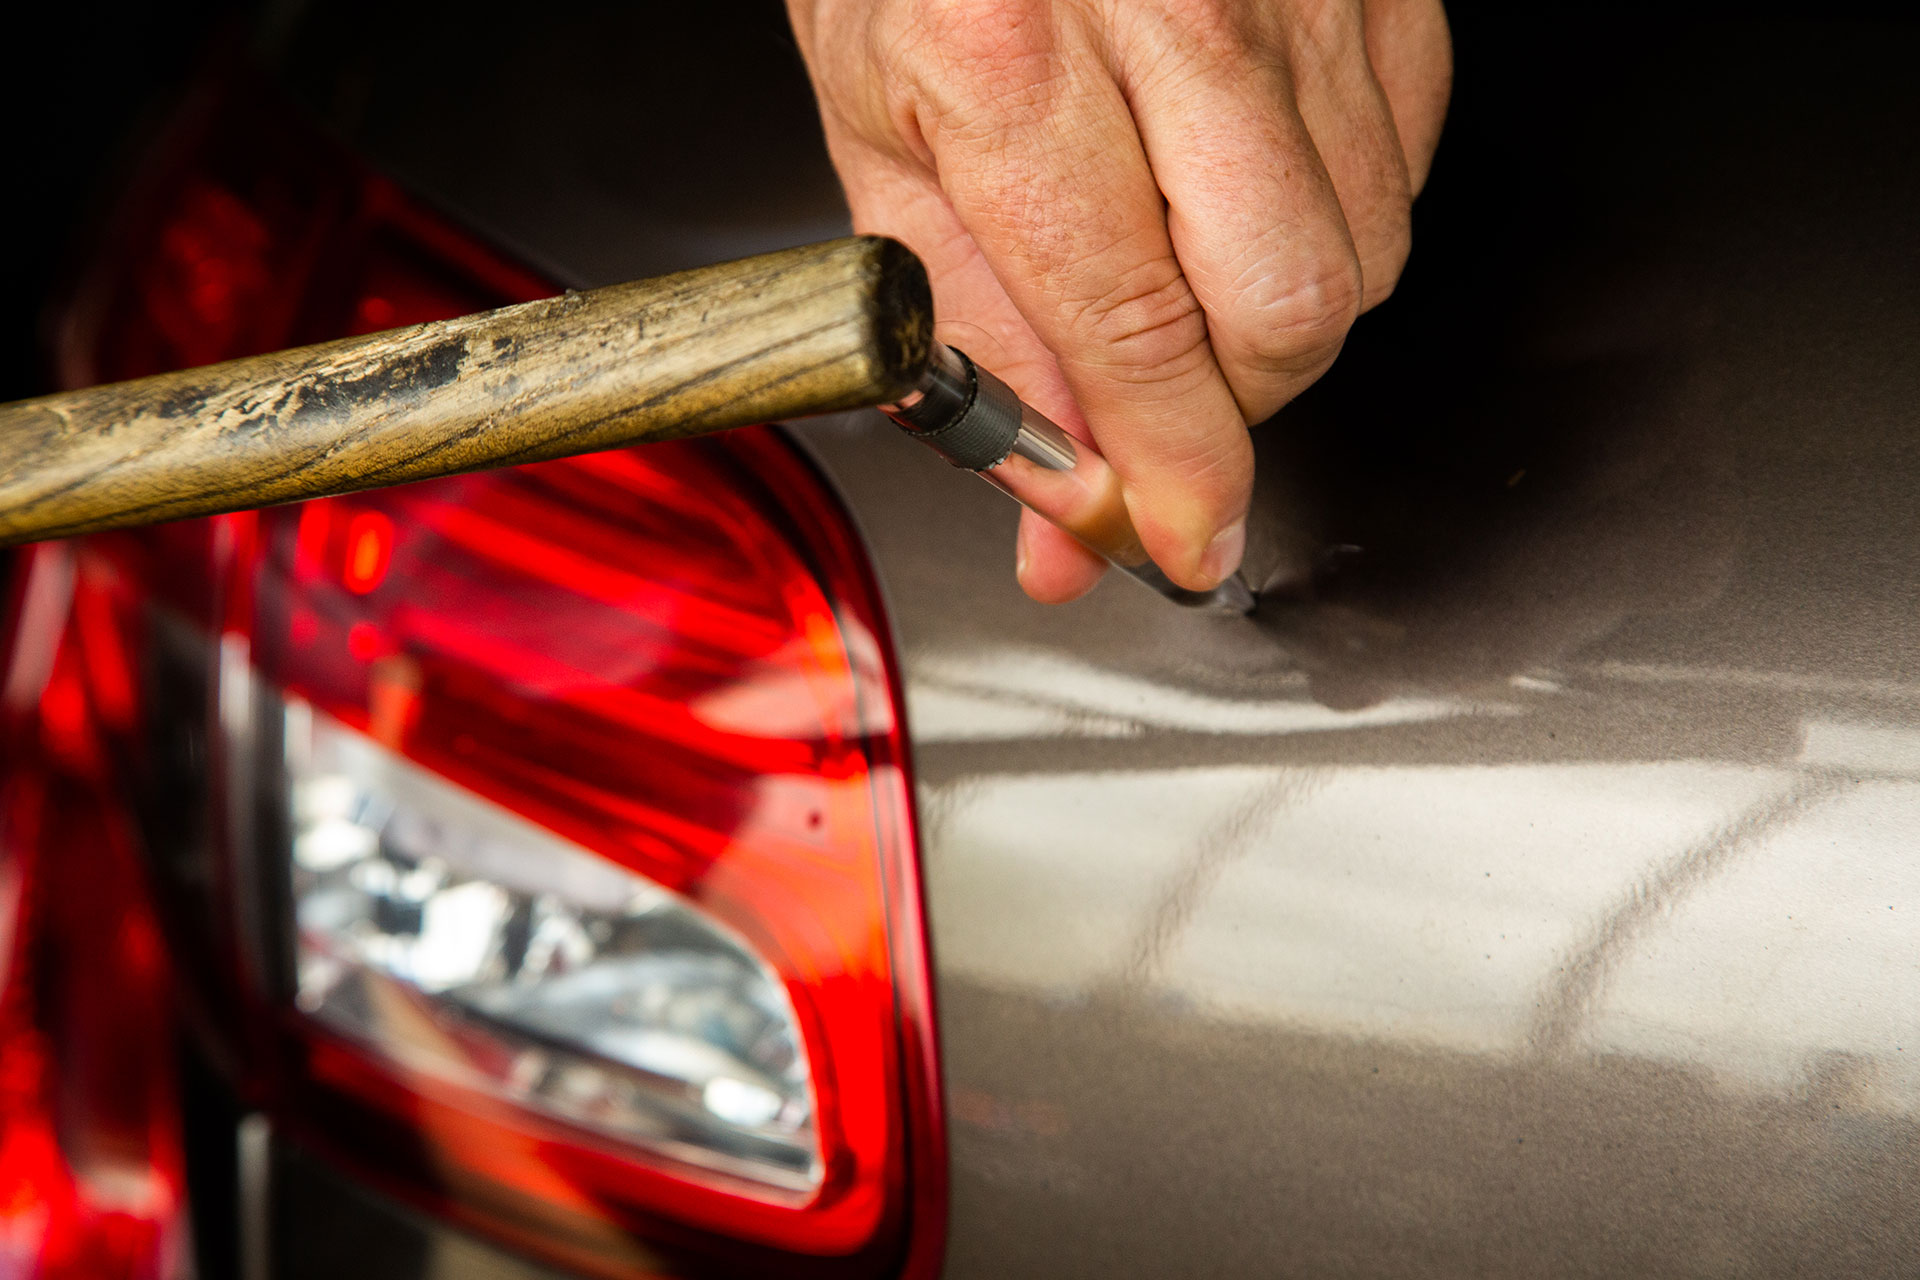 débosselage sans peinture par l'extérieur du véhicule